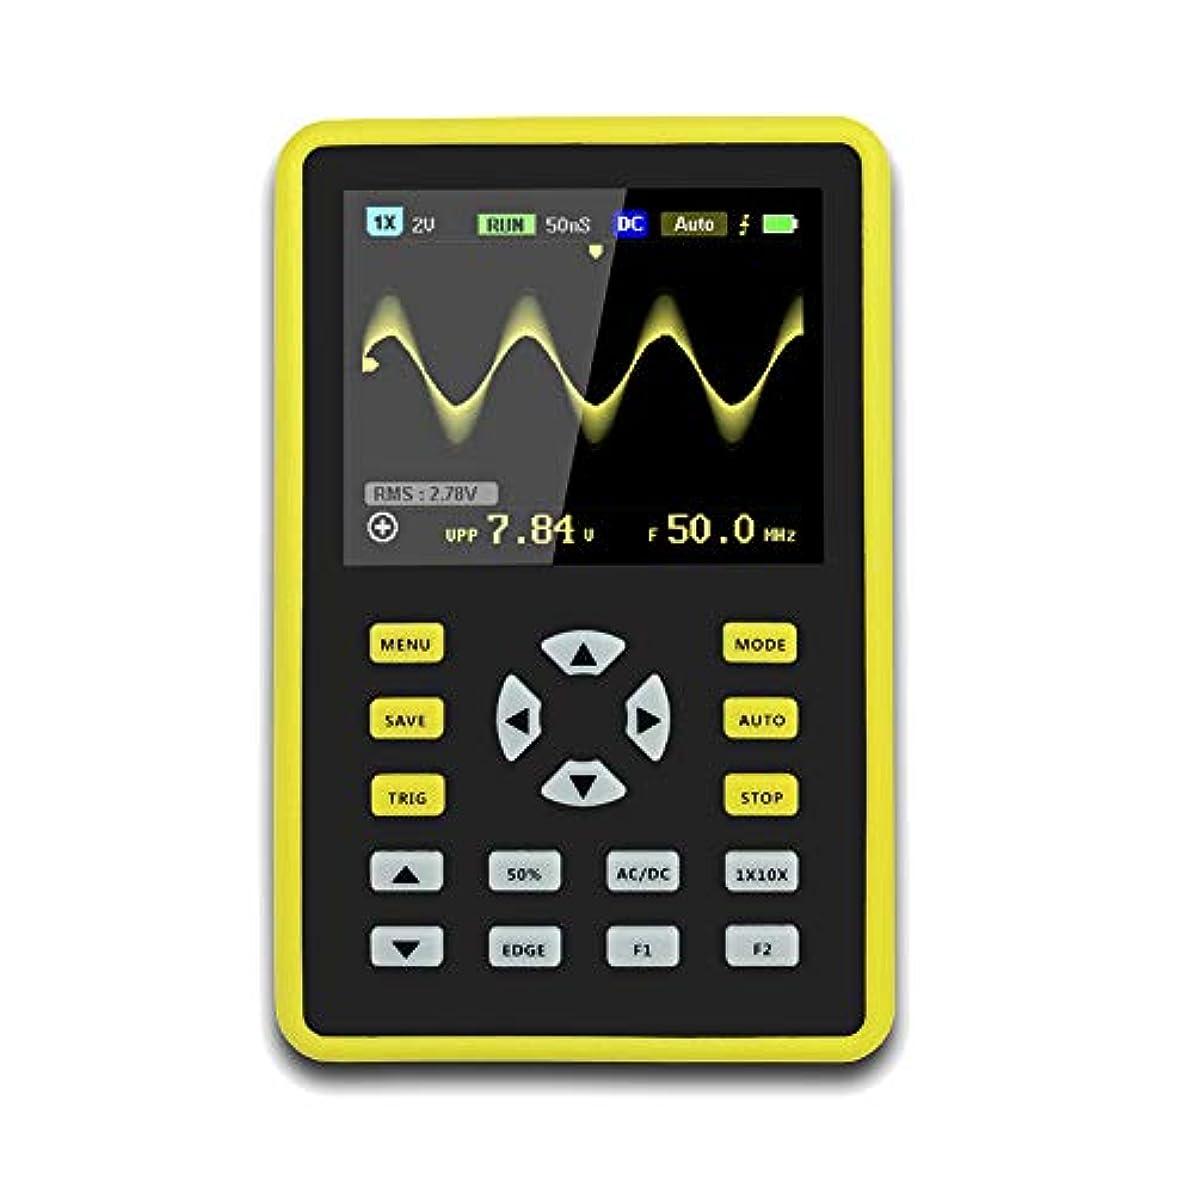 レベル顔料投資するCoolTack  手持ち型デジタル小型オシロスコープ2.4インチ500 MS/s IPS LCD表示スクリーンの携帯用